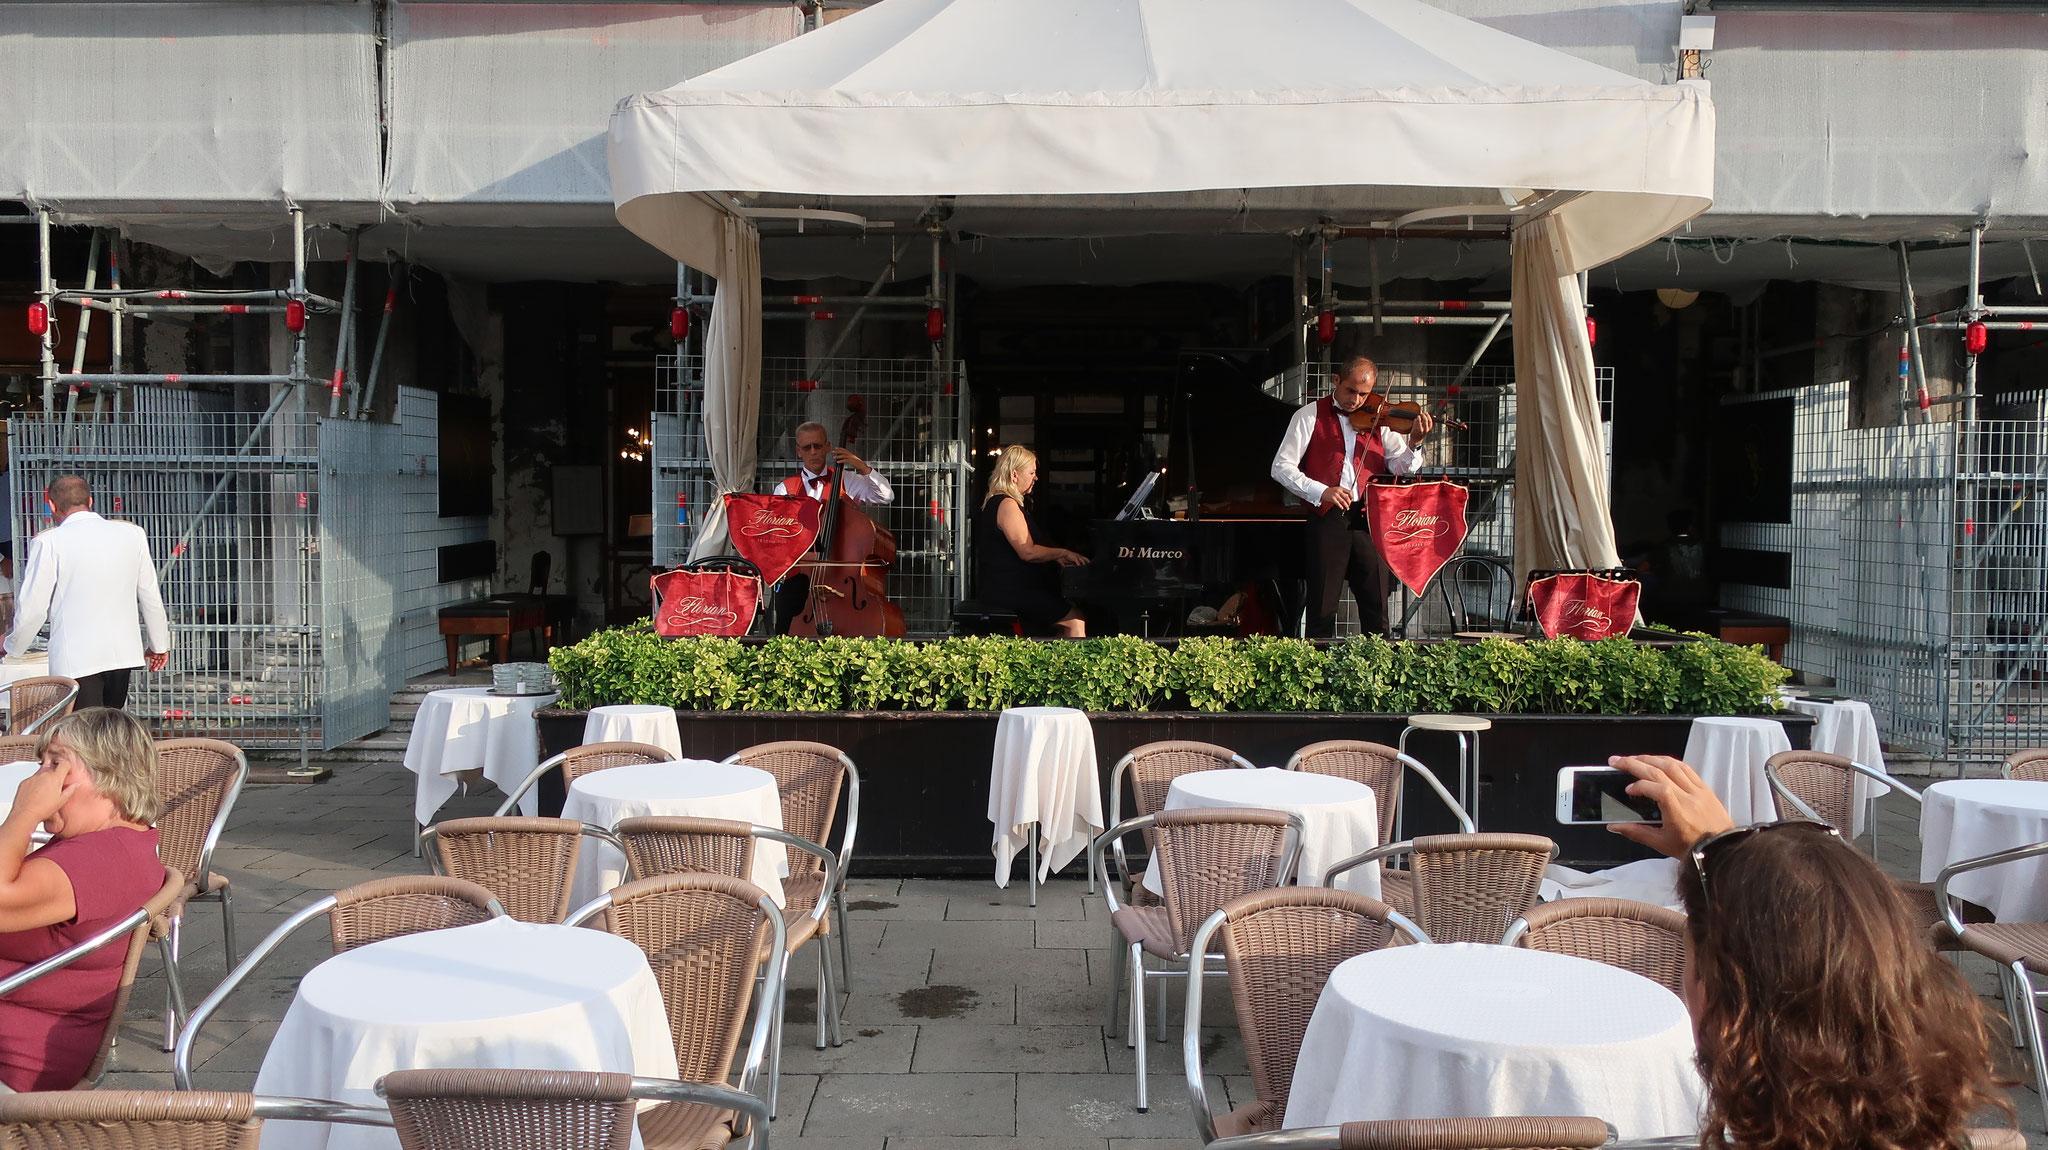 映画「旅情」でキャサリン・へップバーンが彼と出会ったのが、カフェ・フローリアンのテラスです。